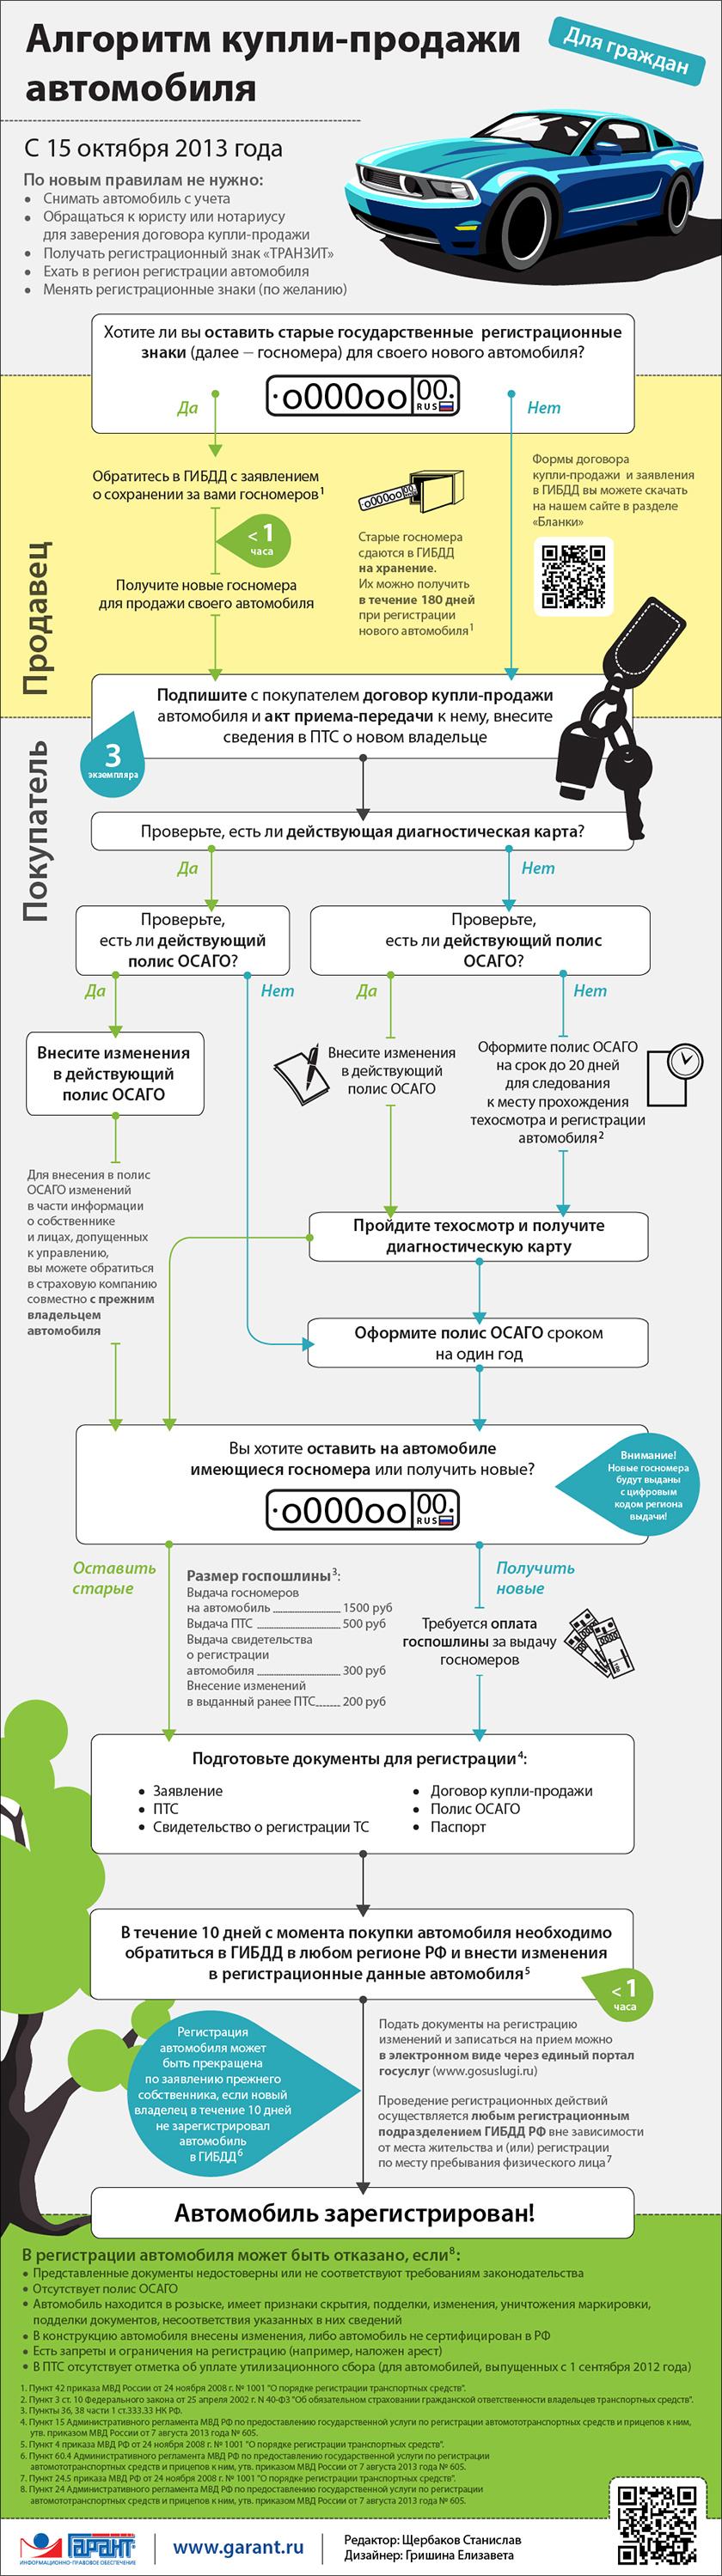 http://www.garant.ru/files/2/1/501312/registratsiya_avto_s_15_chisla_kraynyaya_site(2).jpg